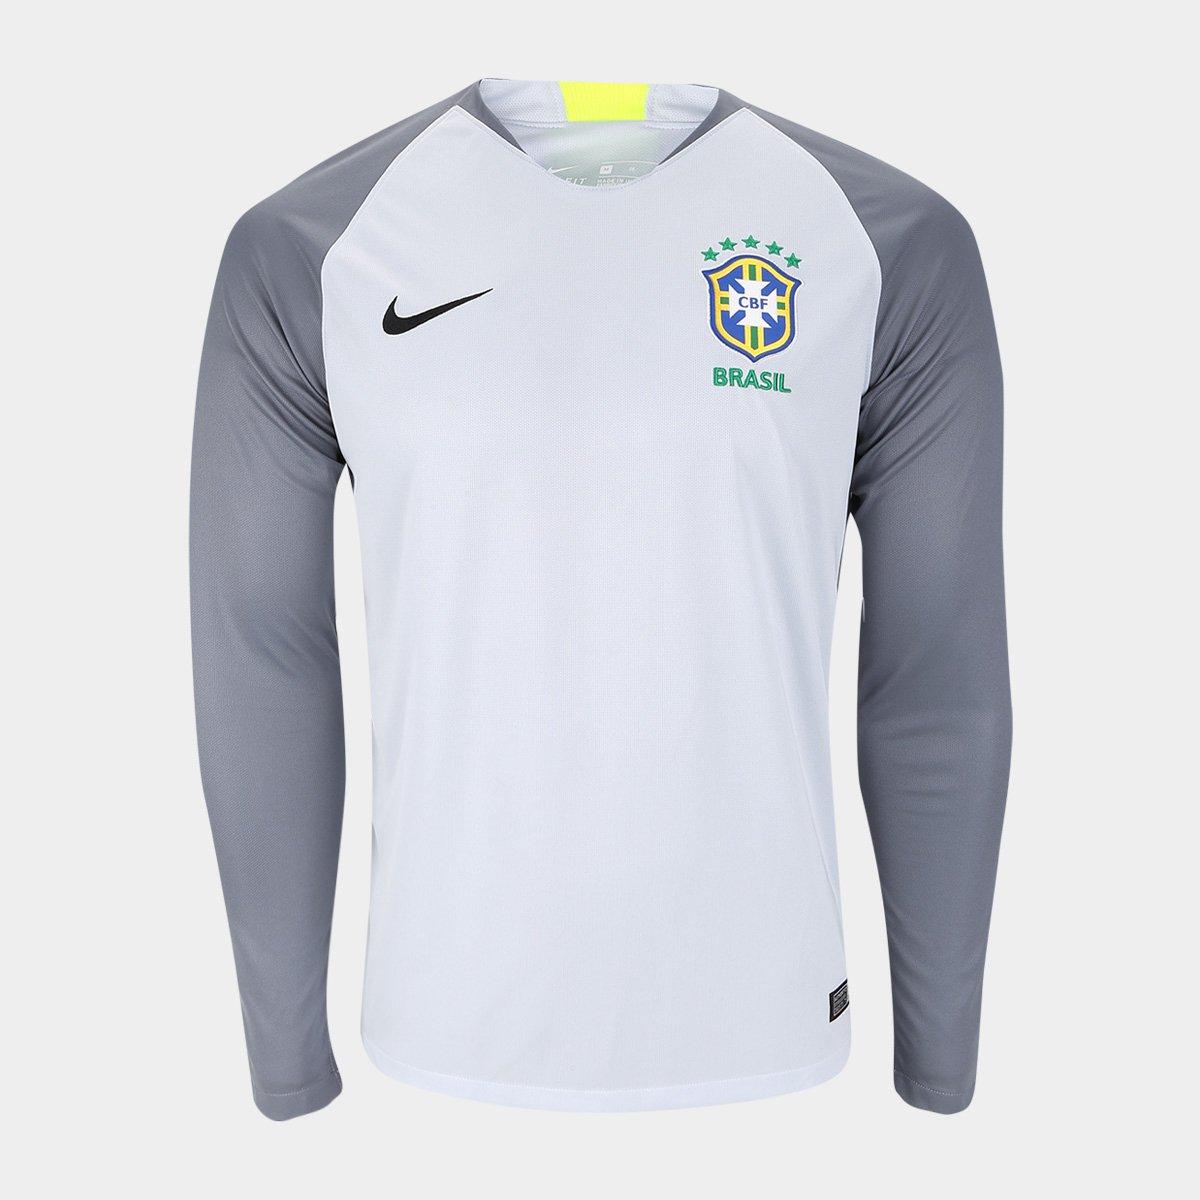 cb57e9c7d6 ... Camisa Seleção Brasil Goleiro 2018 nº 1 Alisson - Torcedor Nike  Masculina ...